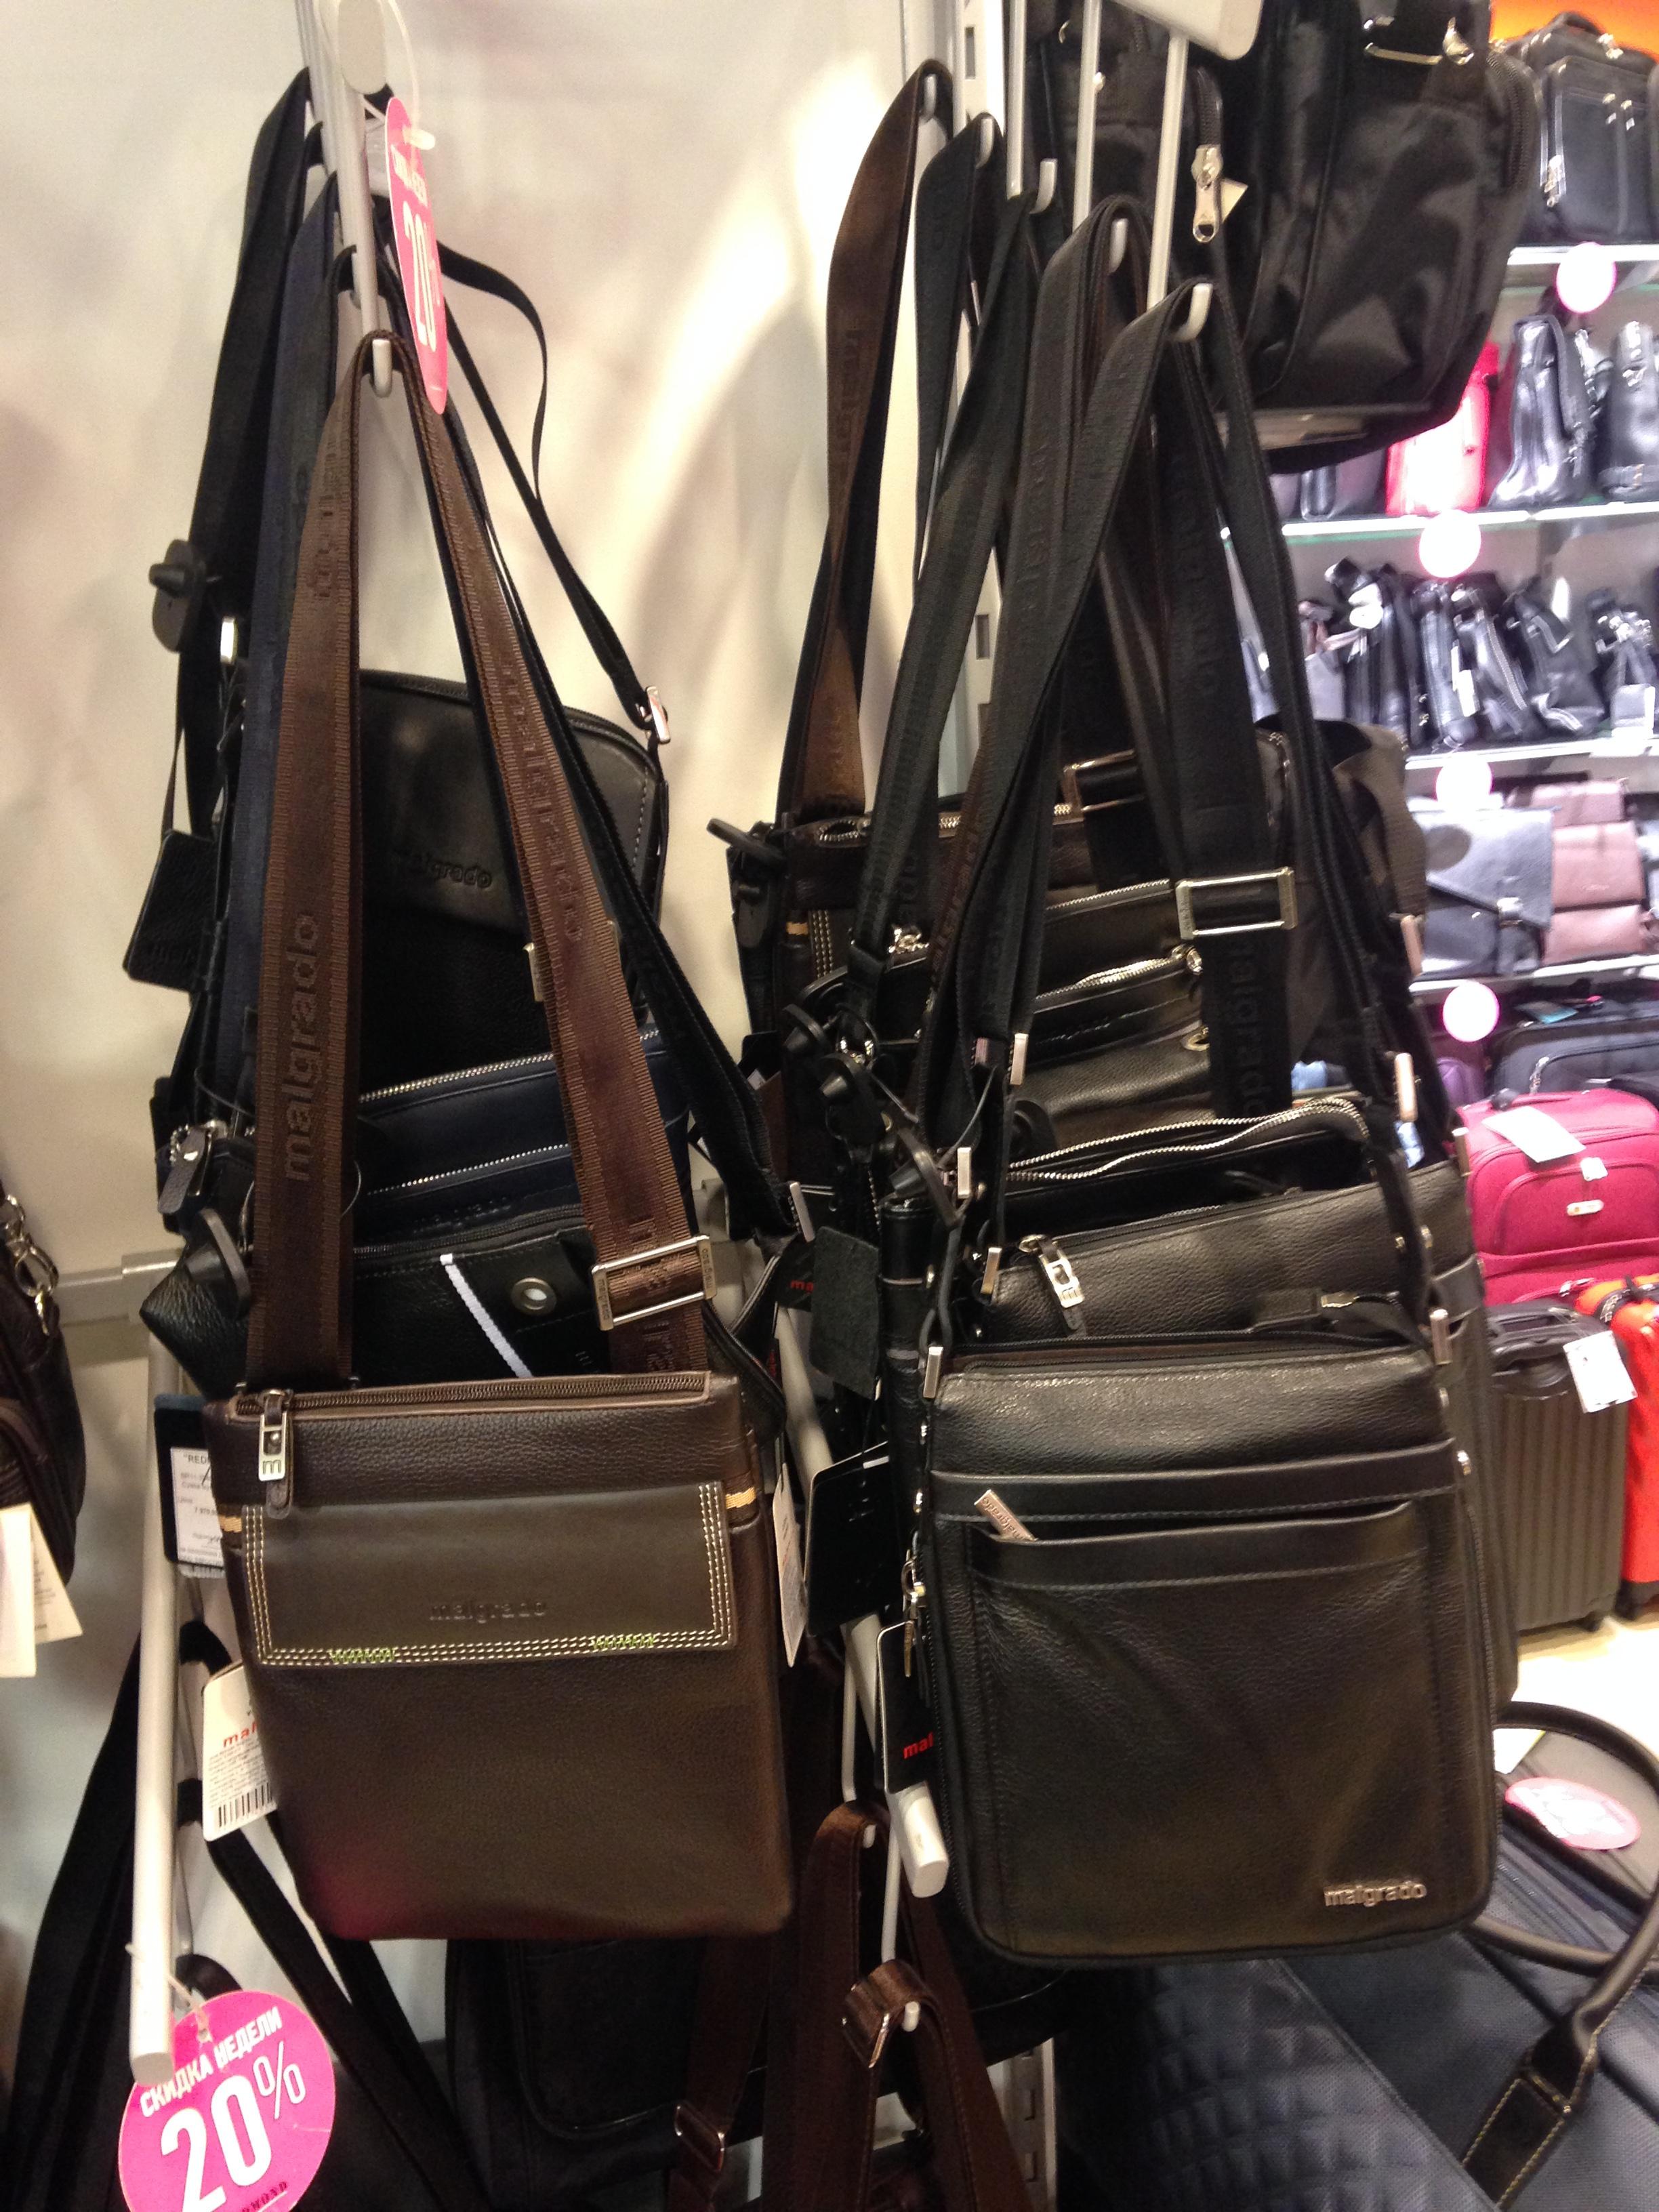 Широкий асортимент сумок магазине Redmond